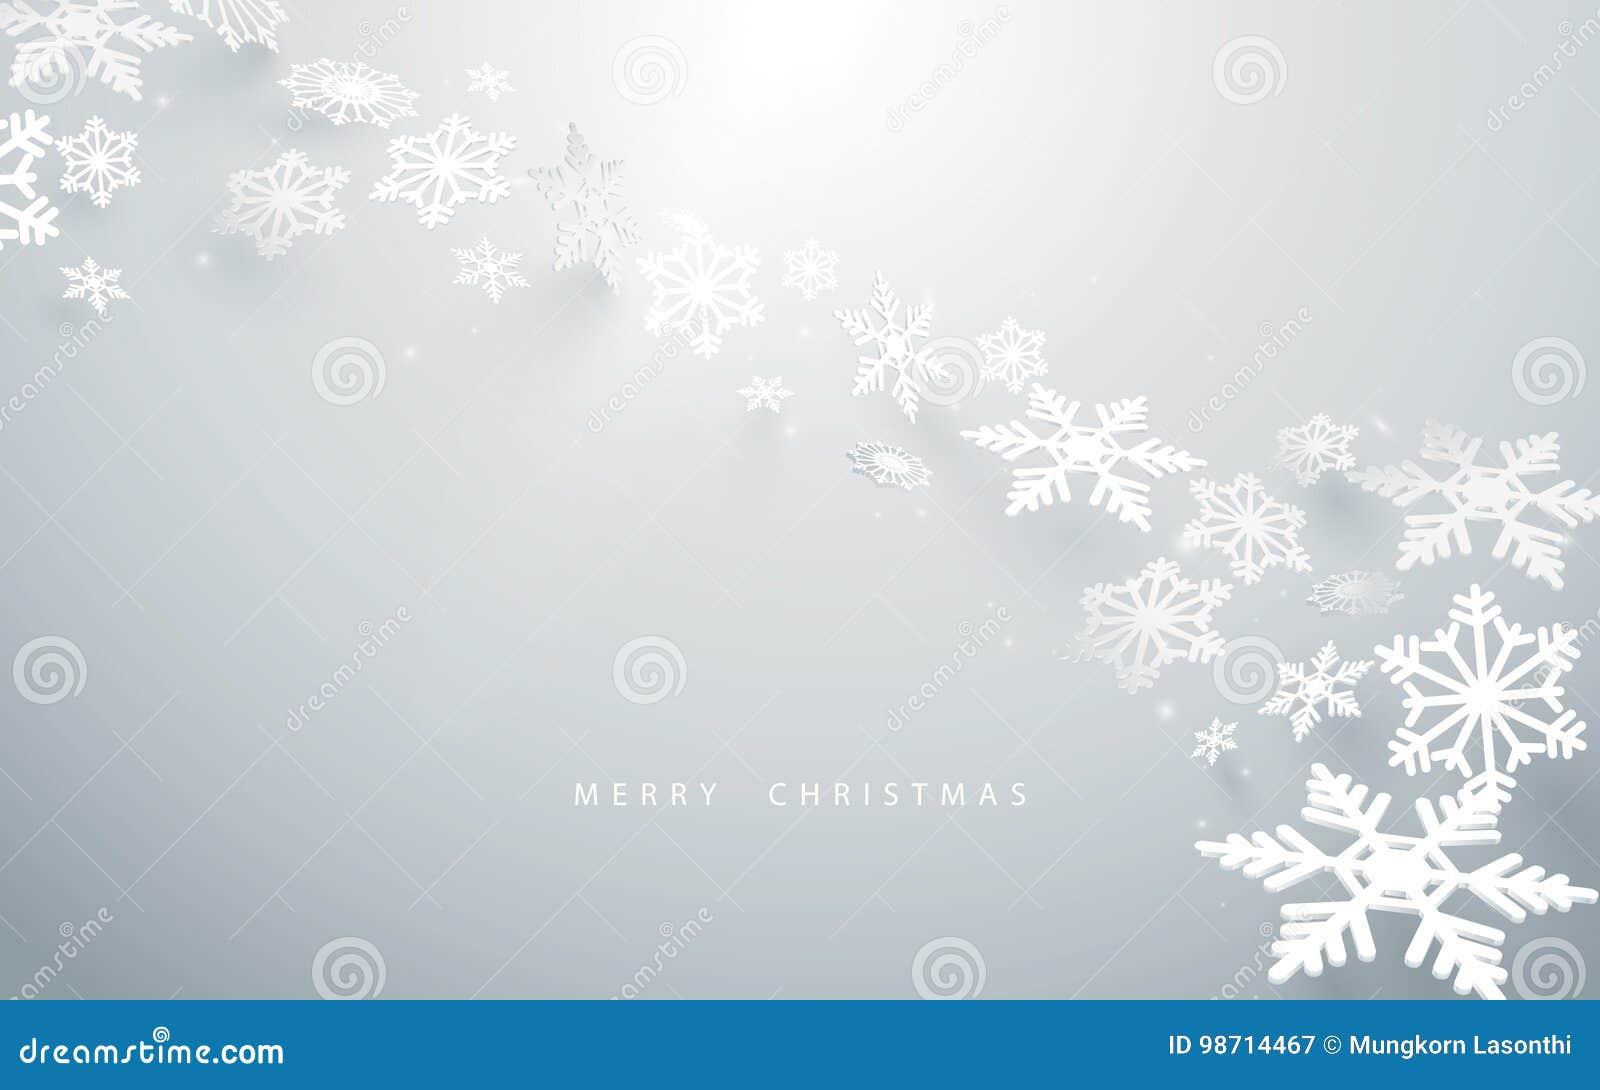 Glad jul och lyckligt nytt år Abstrakta snöflingor i vit bakgrund